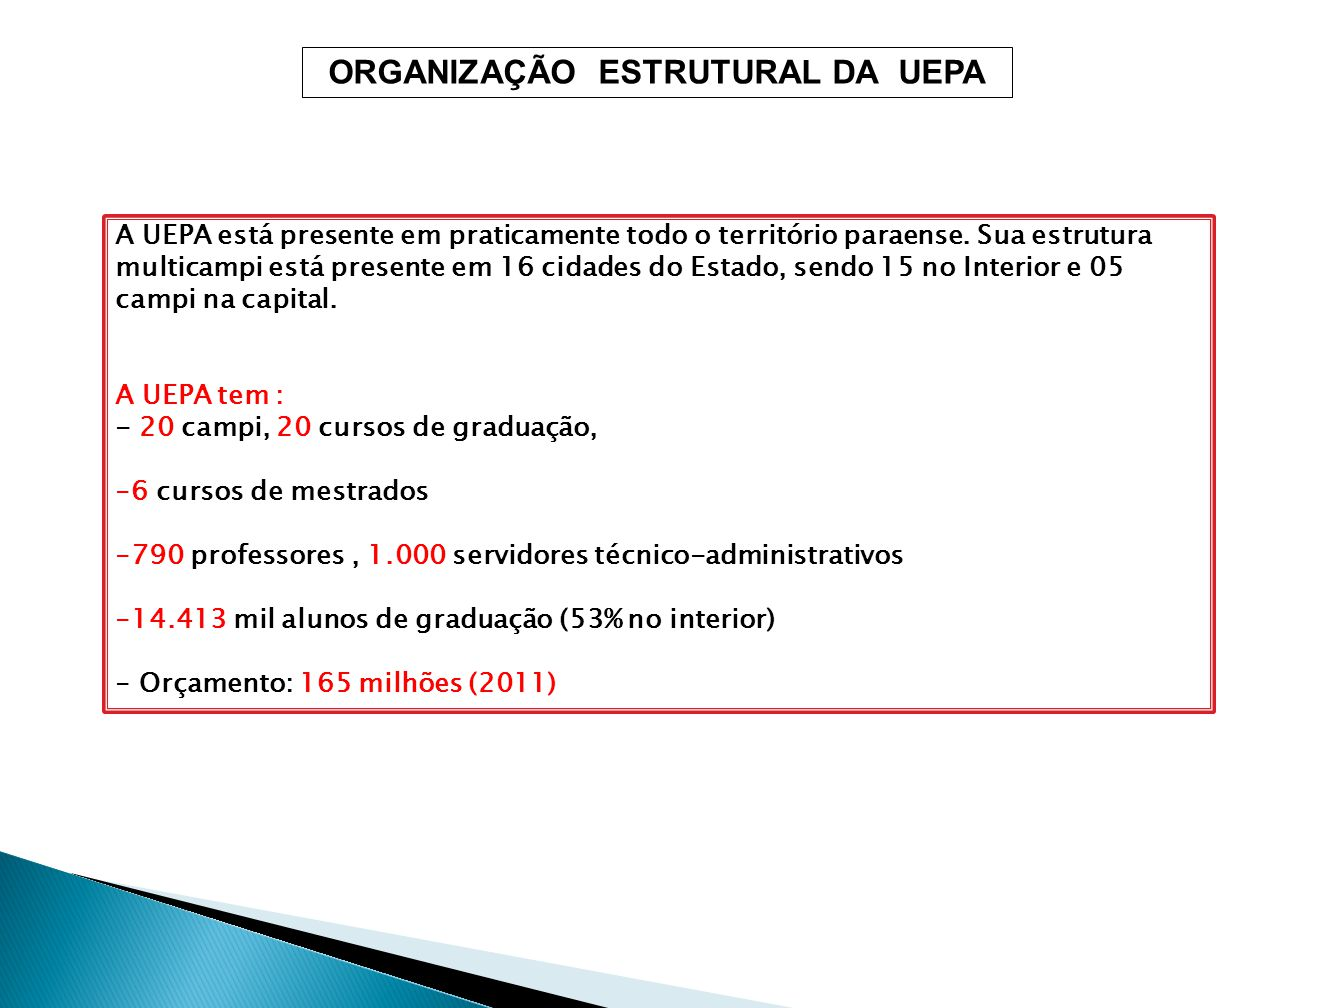 Conselho Universitário Conselho de Ensino, Pesquisa e Extensã0 Conselho de Administração Reitoria Vice-Reitoria Procuradoria Juridica Ouvidoria Controle Interno Assessoria Comunicação Coord.